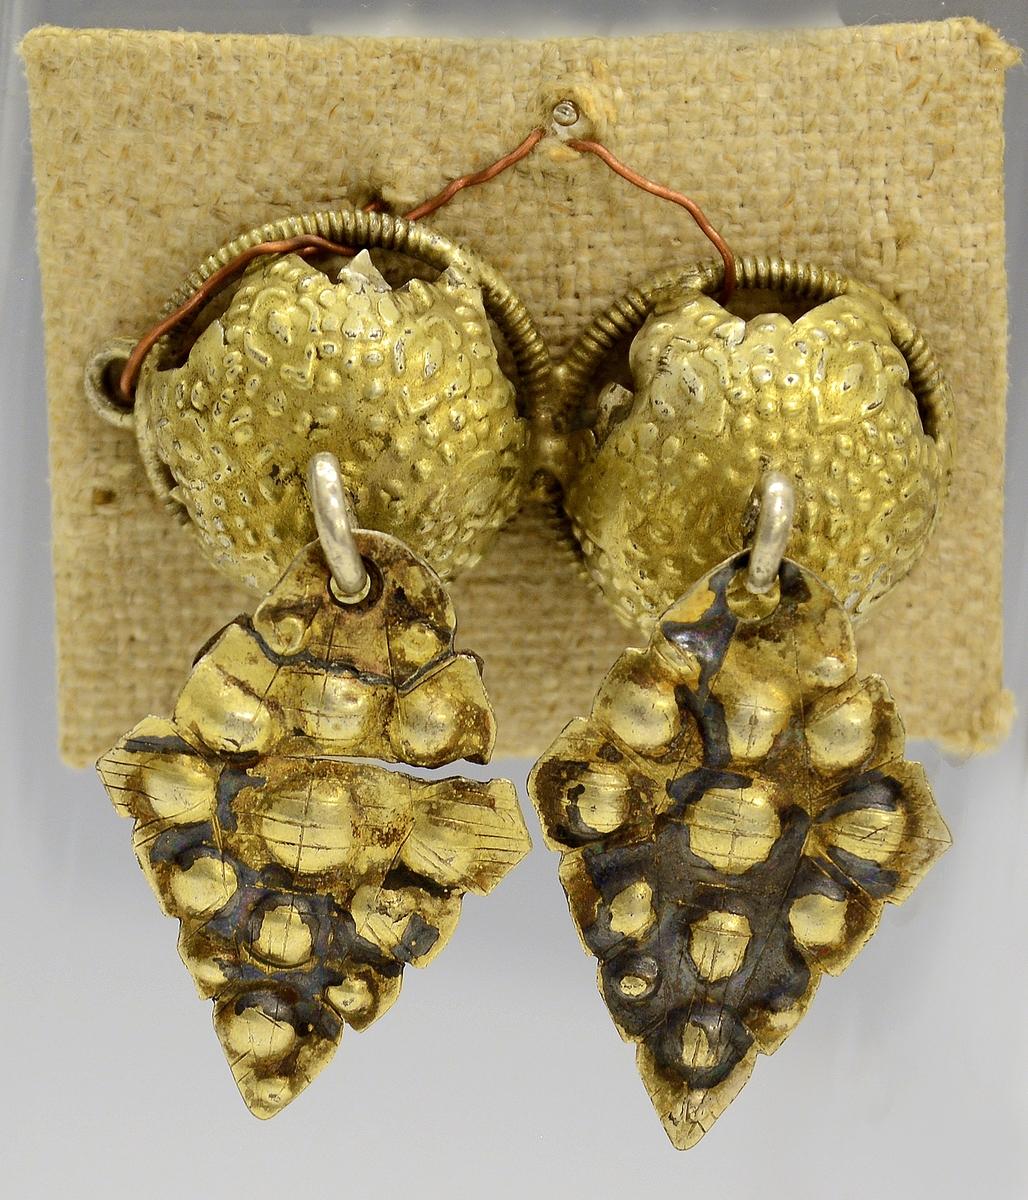 Malespenne av forgylt sølv med løv. Fra protokollen: 1 par tröiehegter, stjerneformet, med rhombeformete löv, hvorpaa buler.